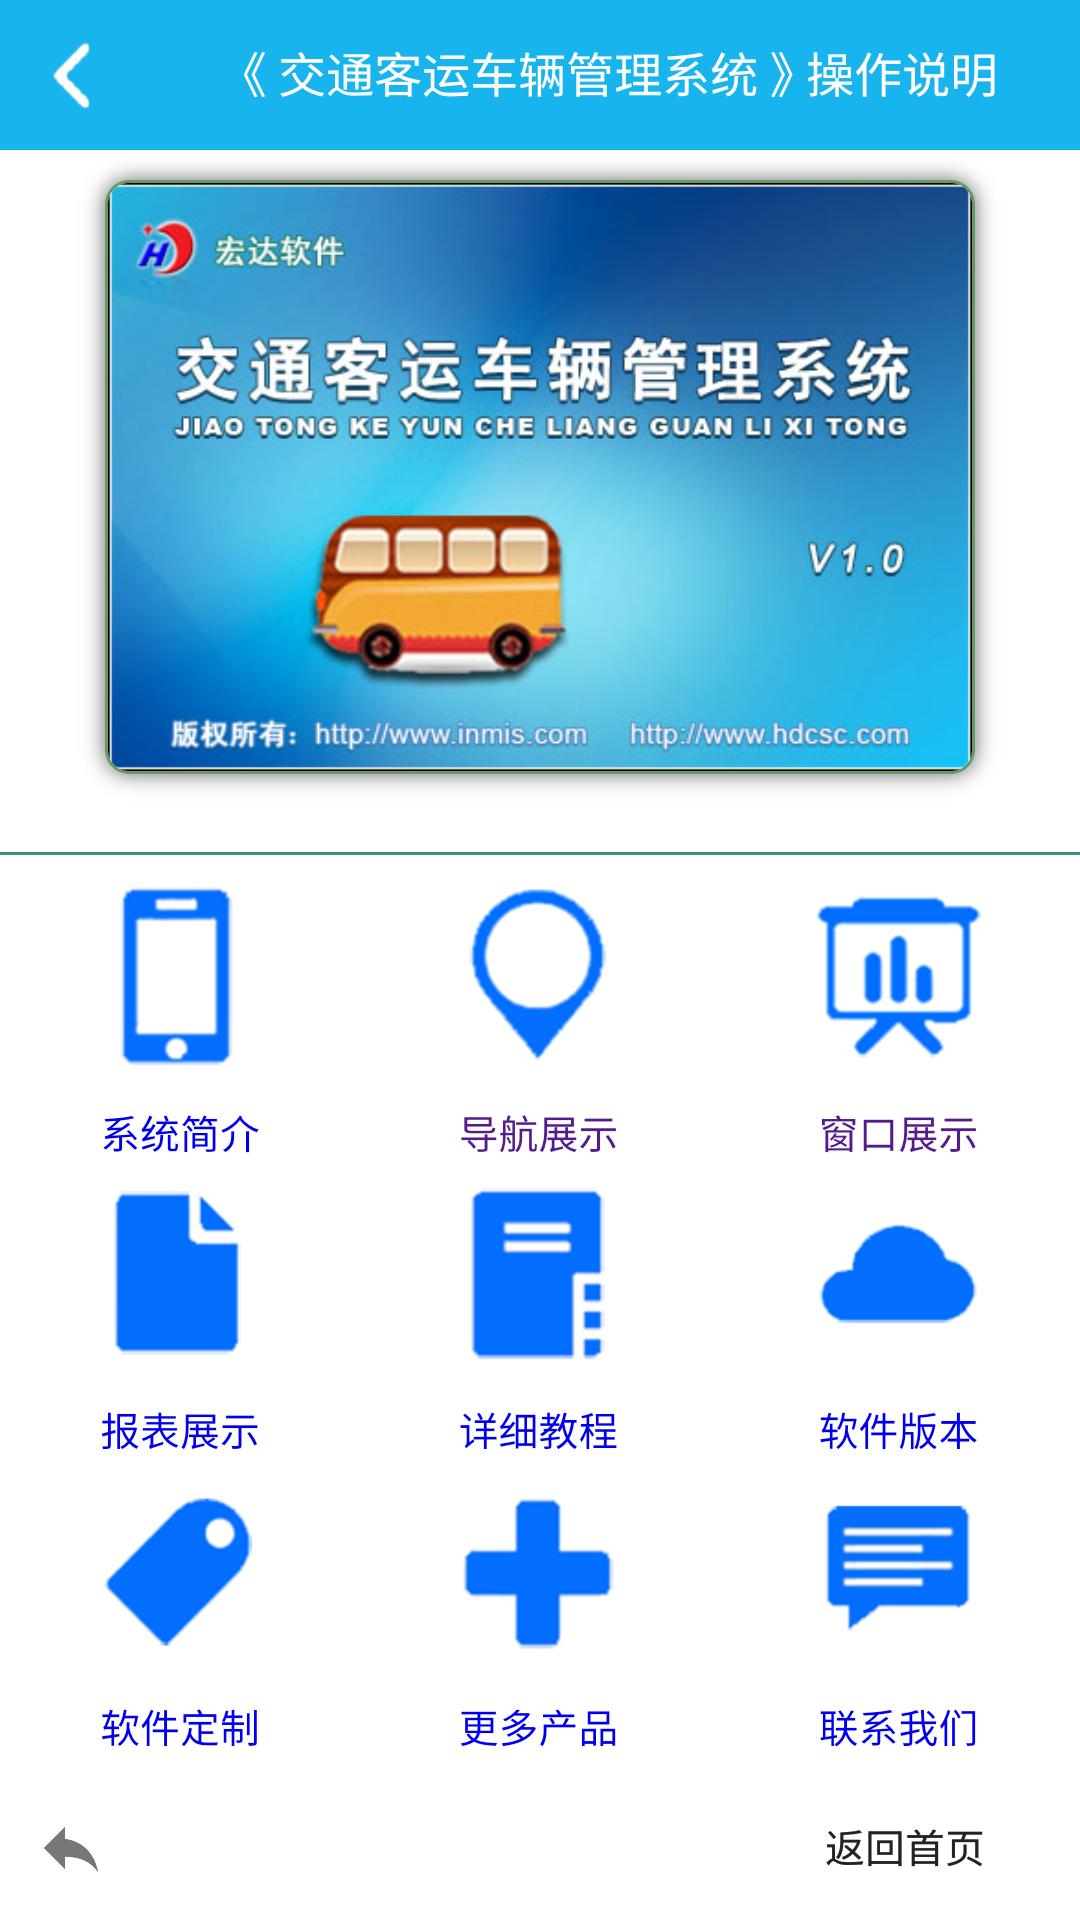 客运车辆管理系统